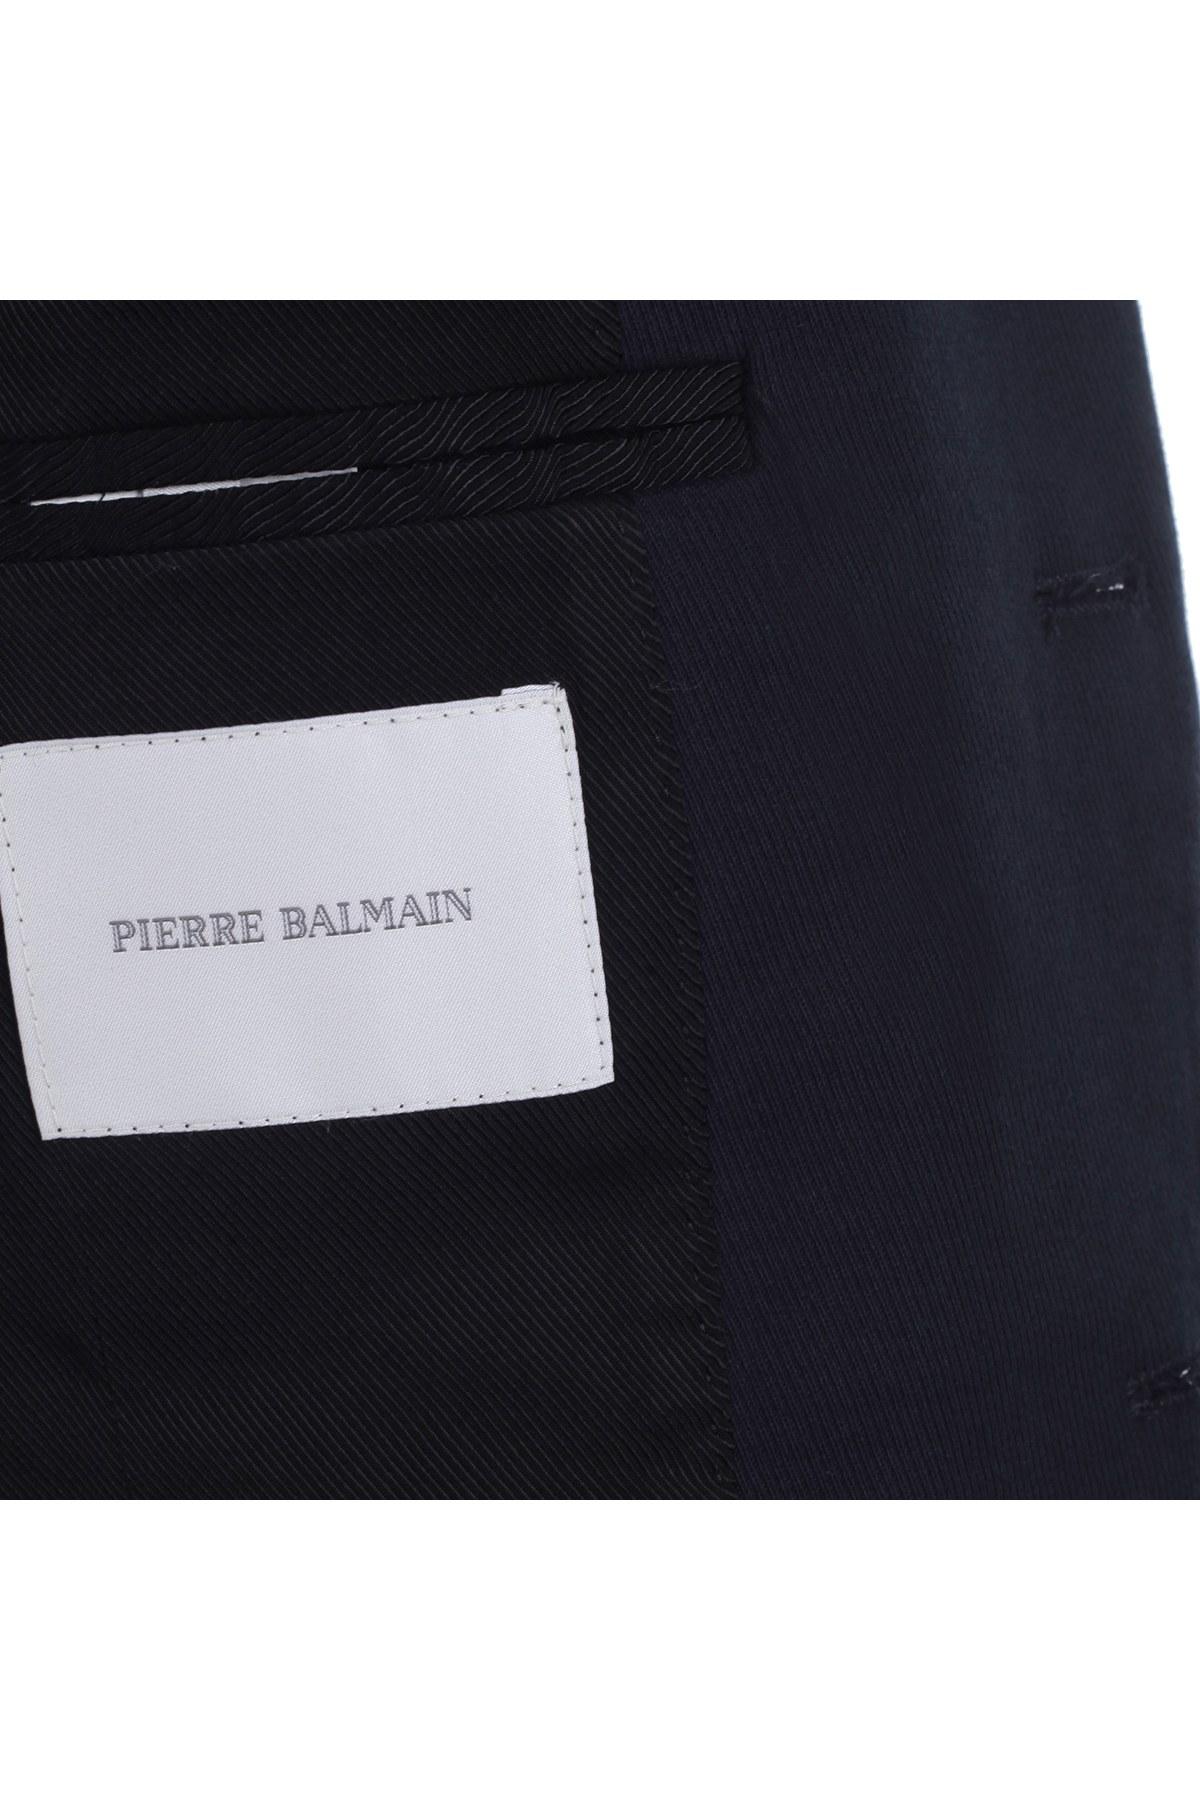 PIERRE BALMAIN Erkek Ceket HP77214CA7271 LACİVERT